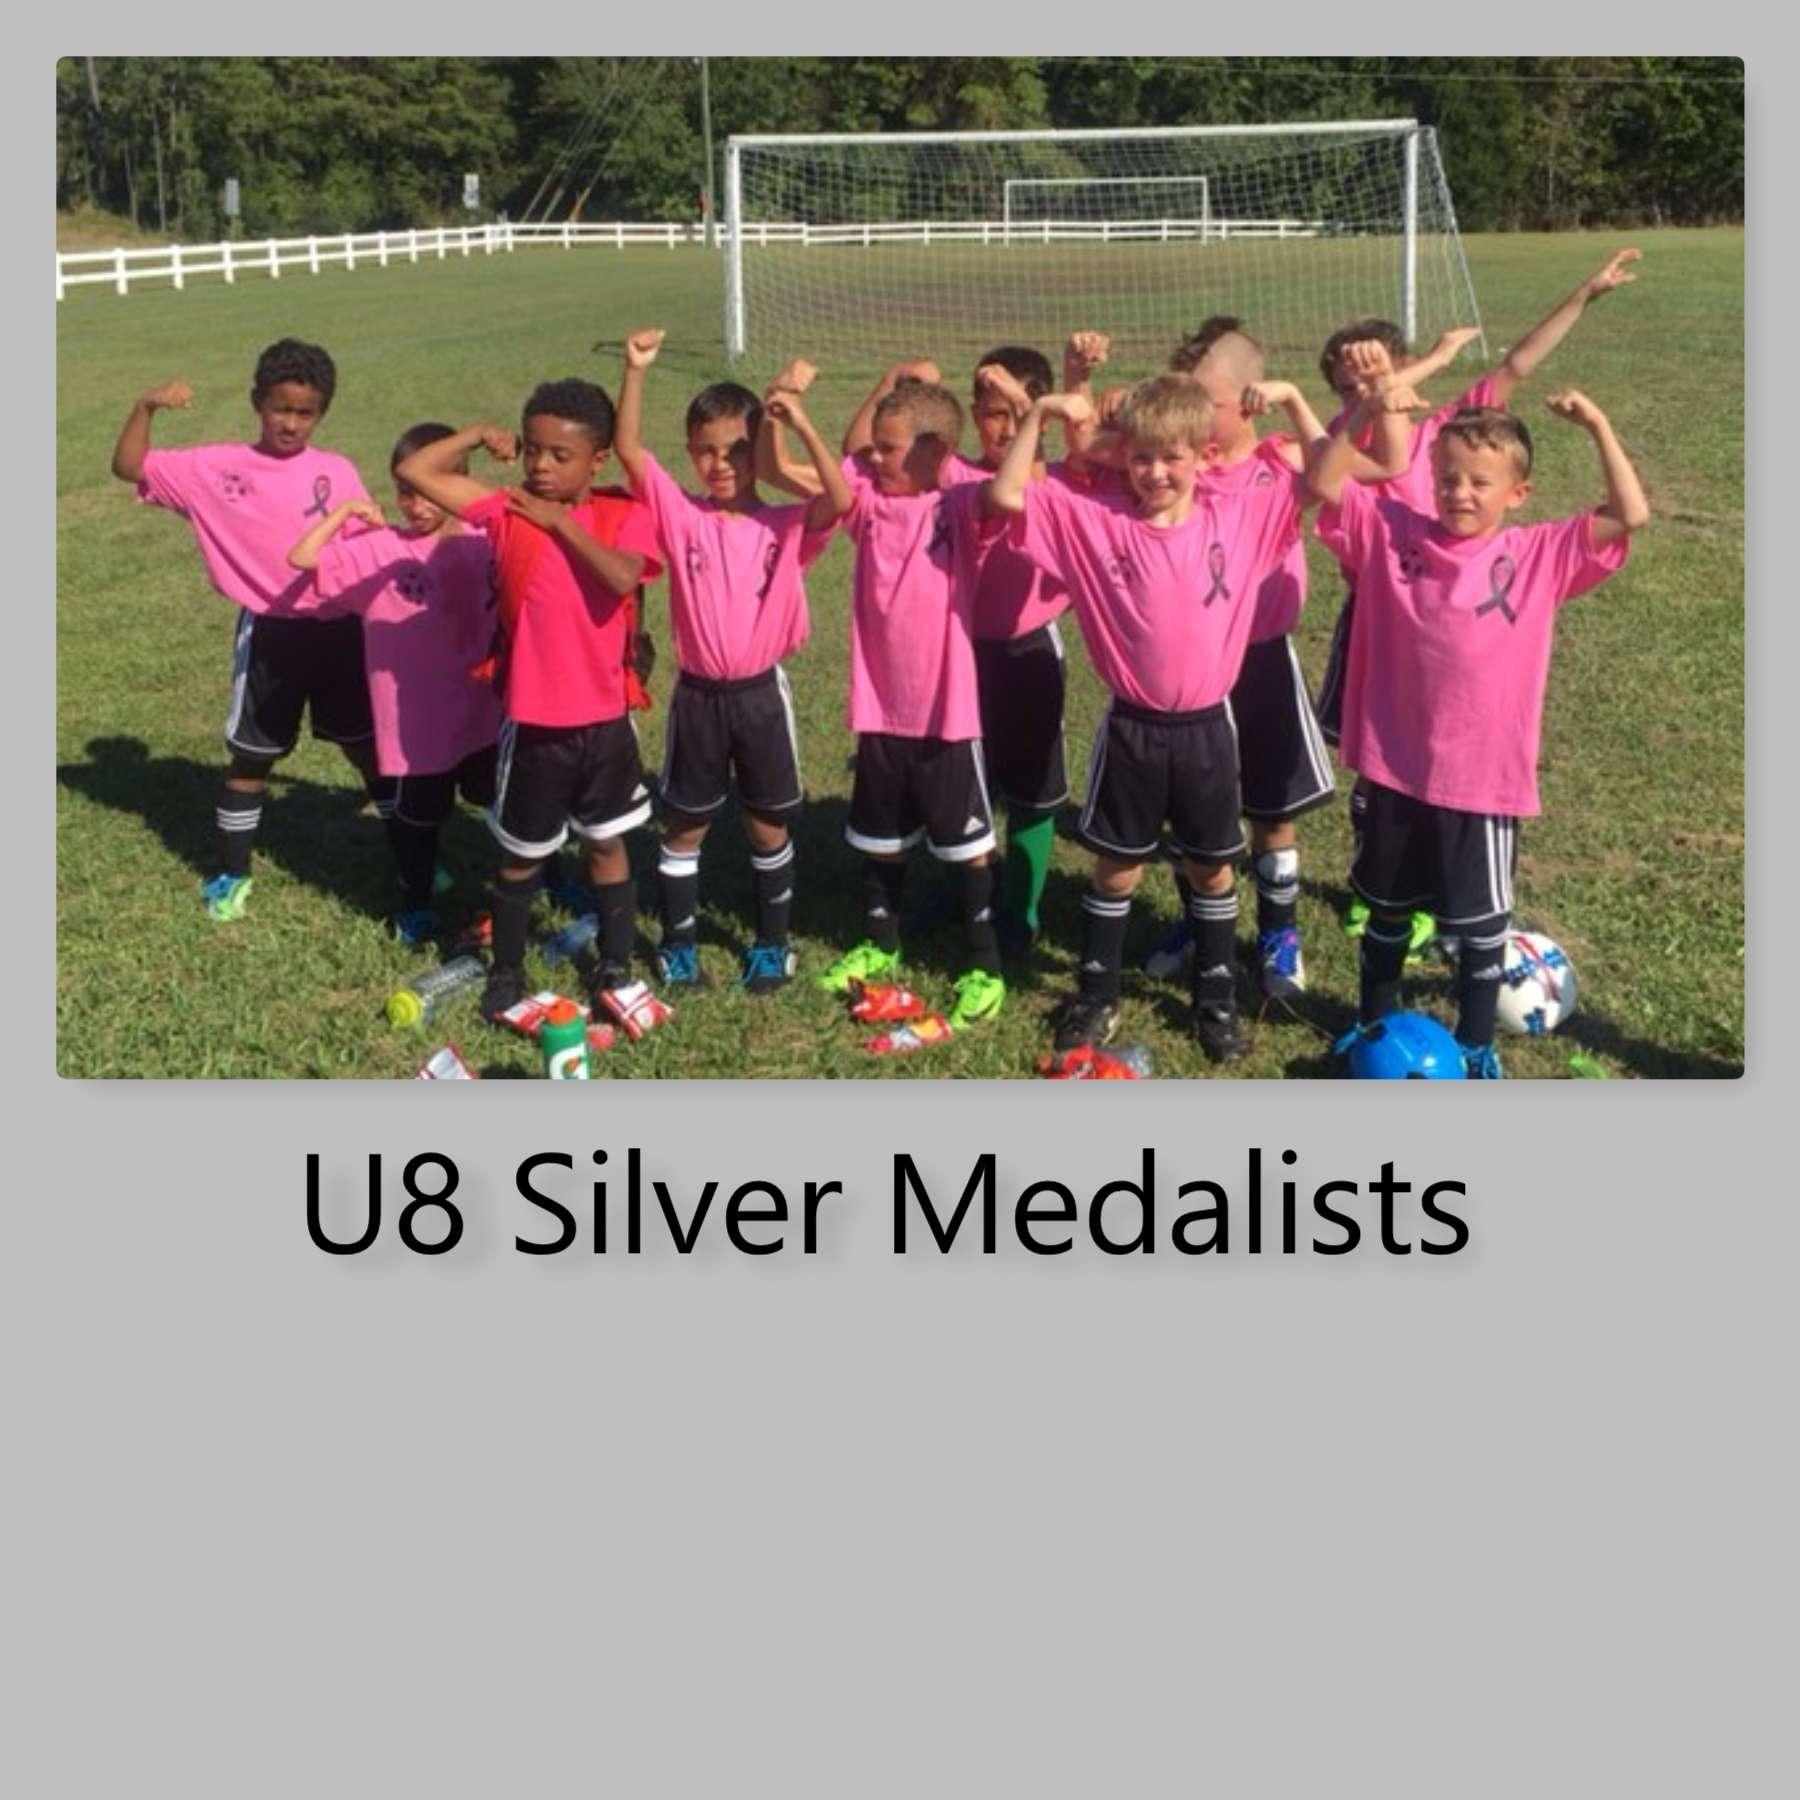 U7 Silver Medalists